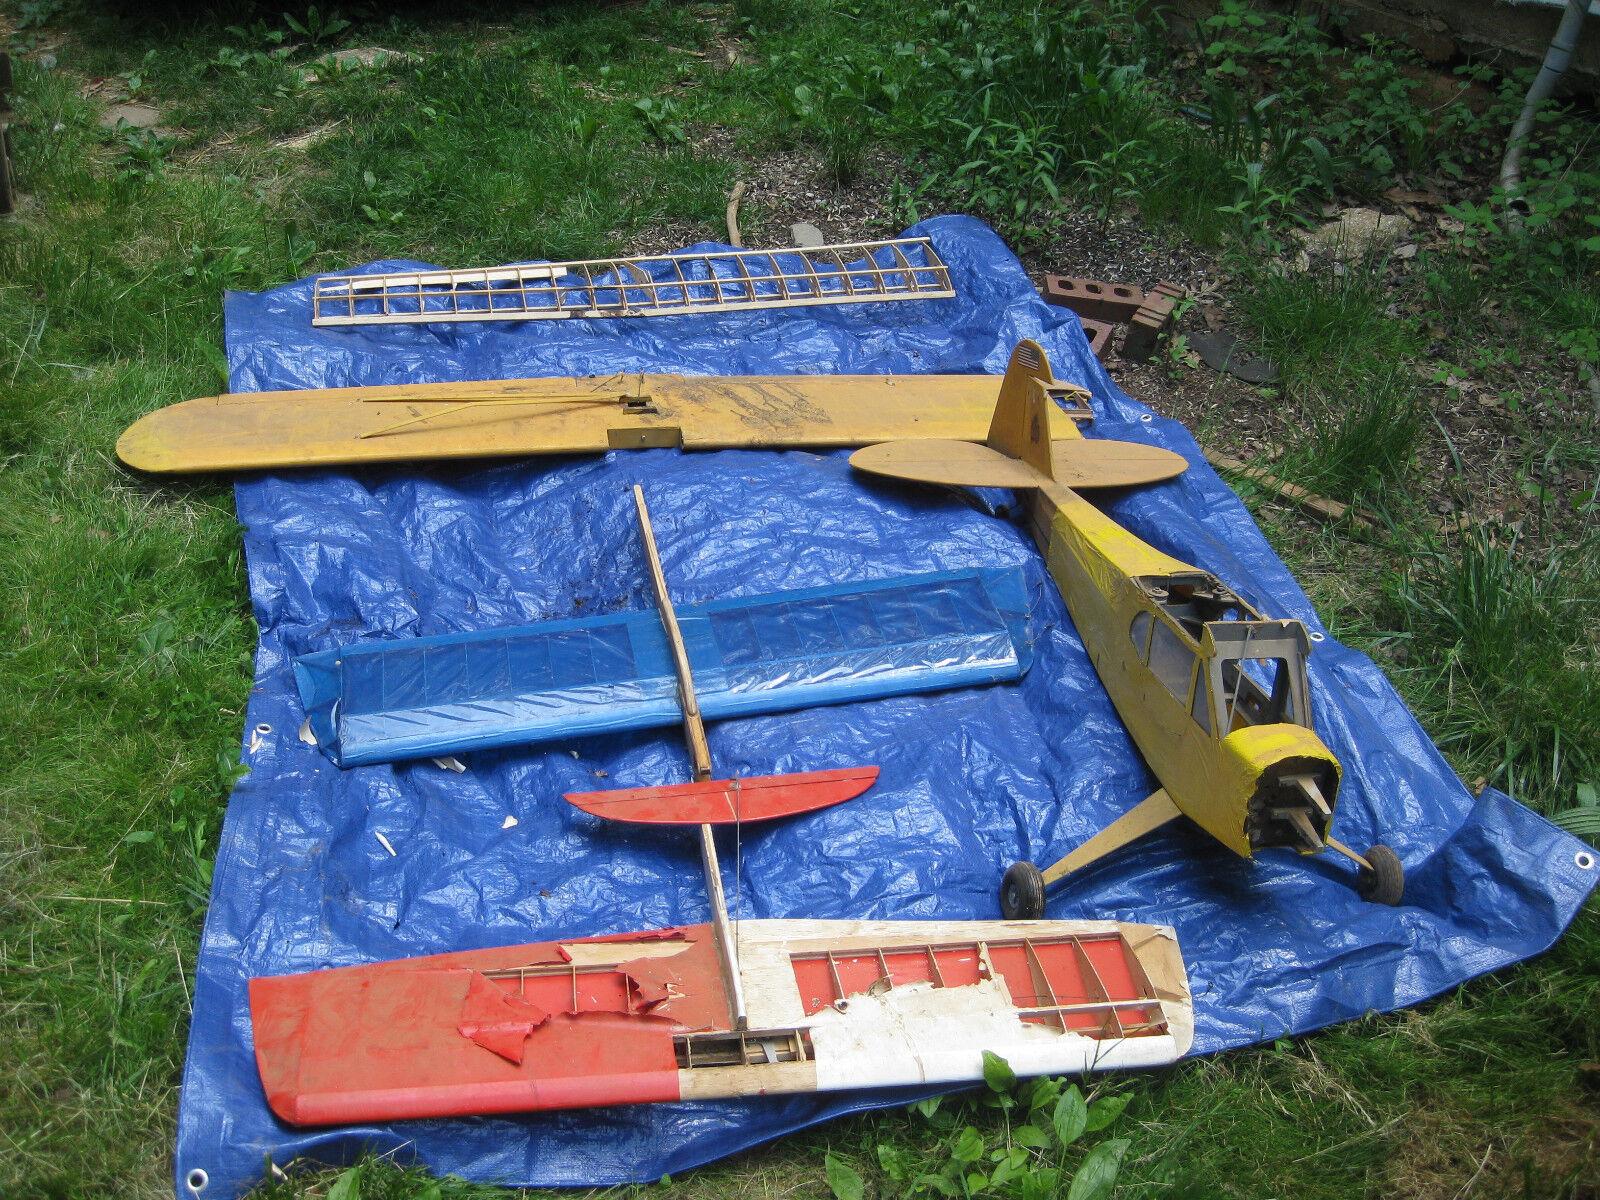 Piper cub flugzeug und diverse kabel flugzeuge verwendet einige teile fehlen